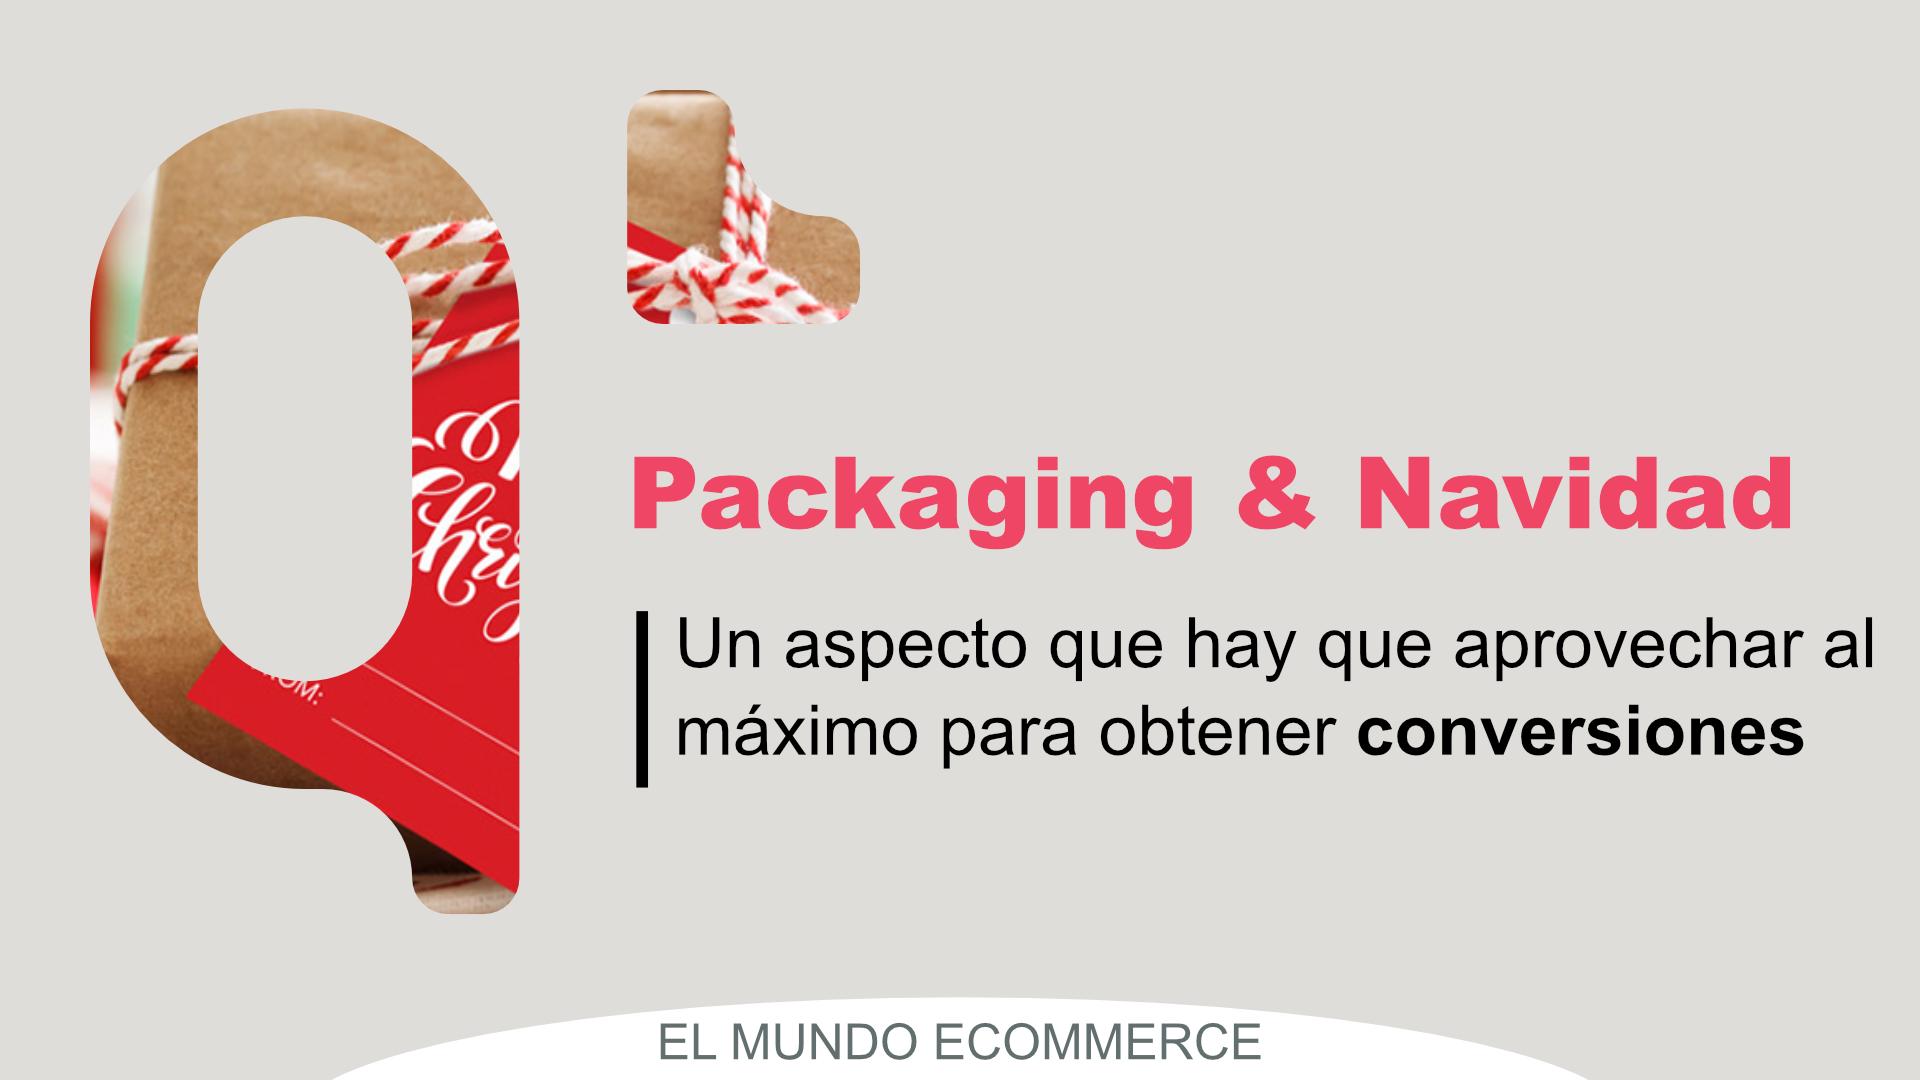 Packaging eCommerce Navidad